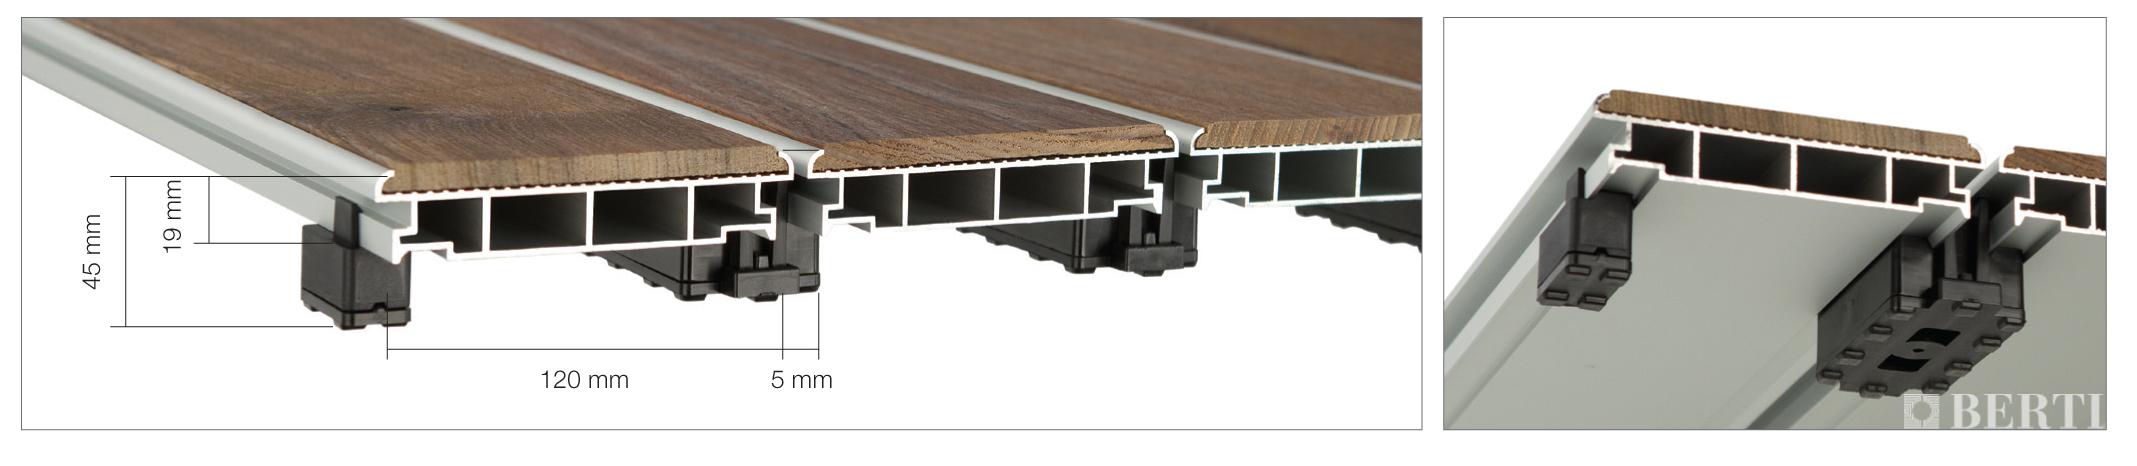 Il parquet all esterno berti havana berti pavimenti in legno blog - Listoni in legno per esterni ...